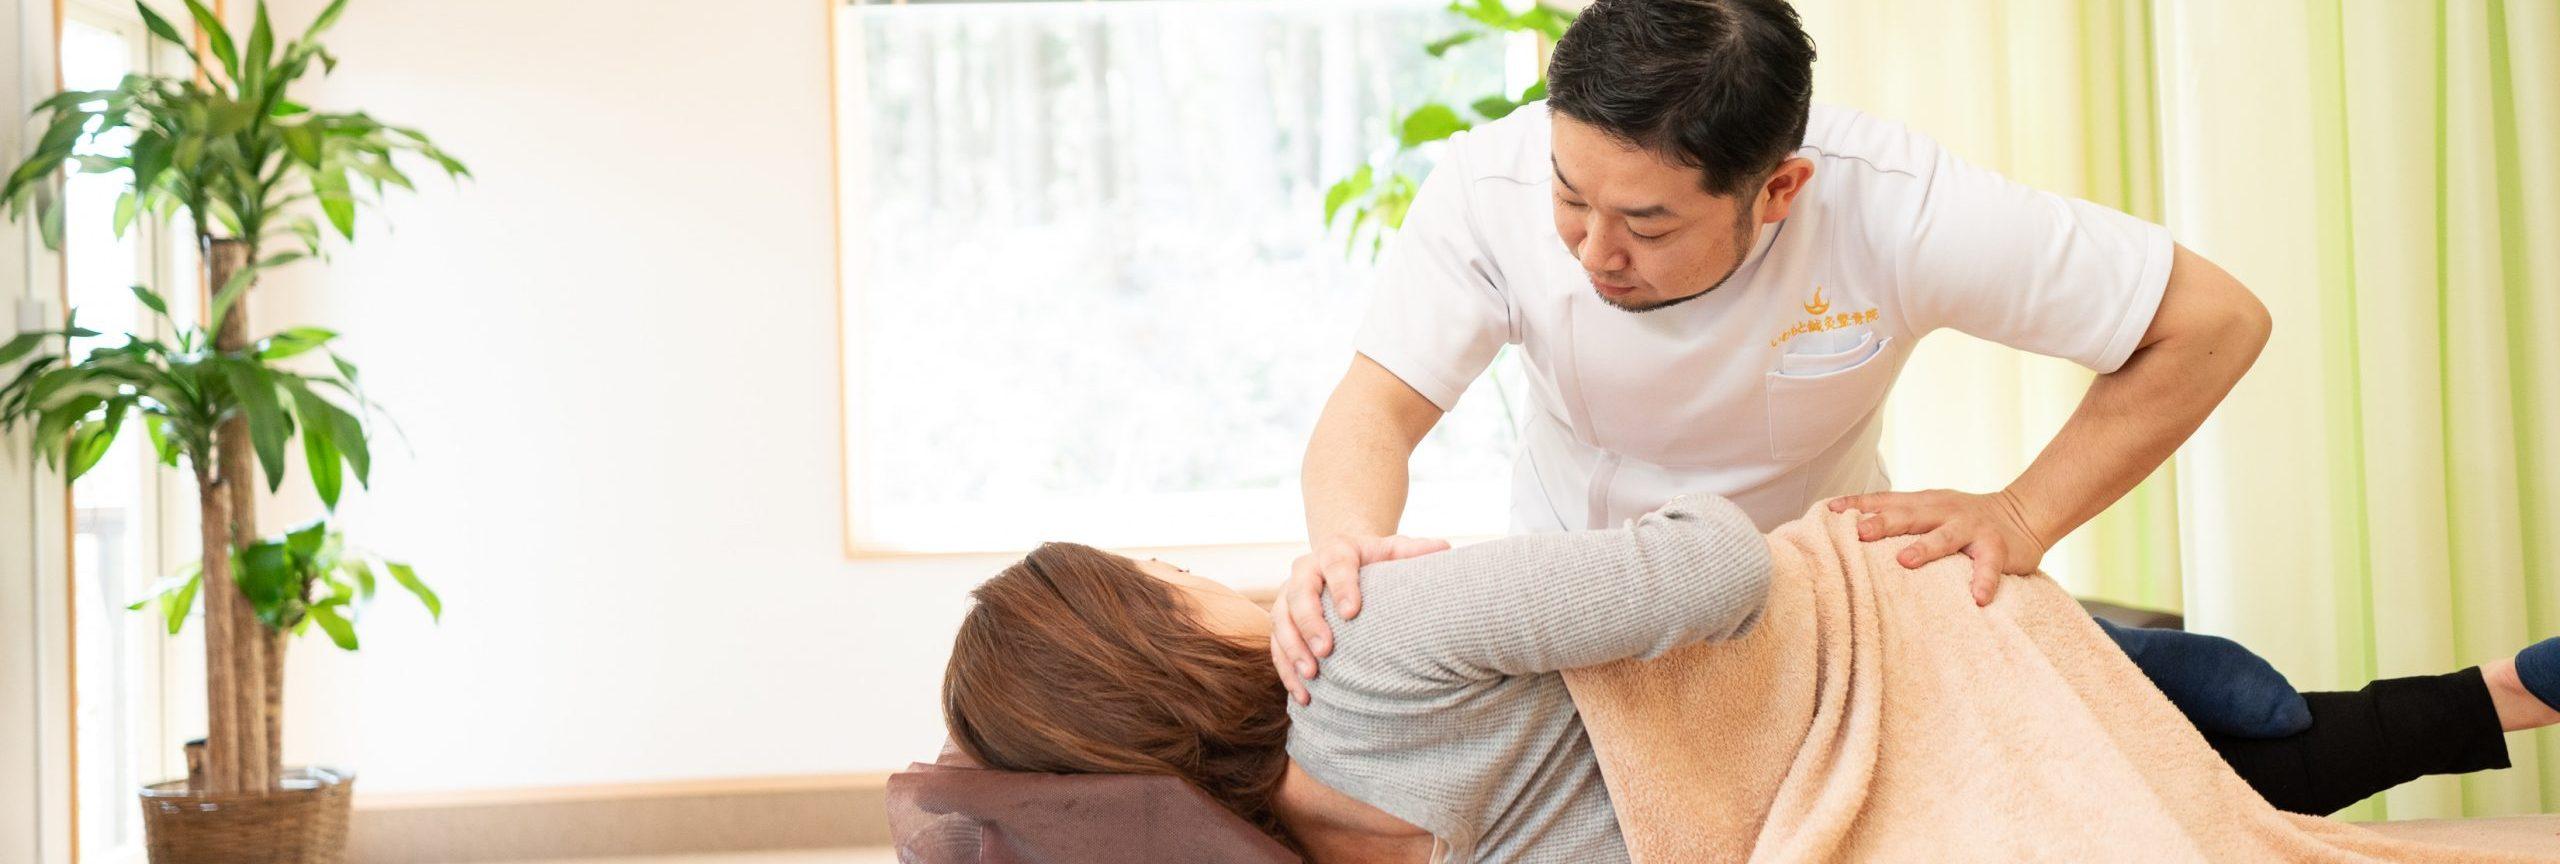 富谷市で骨盤矯正・産後骨盤矯正は、いわもと鍼灸整骨院